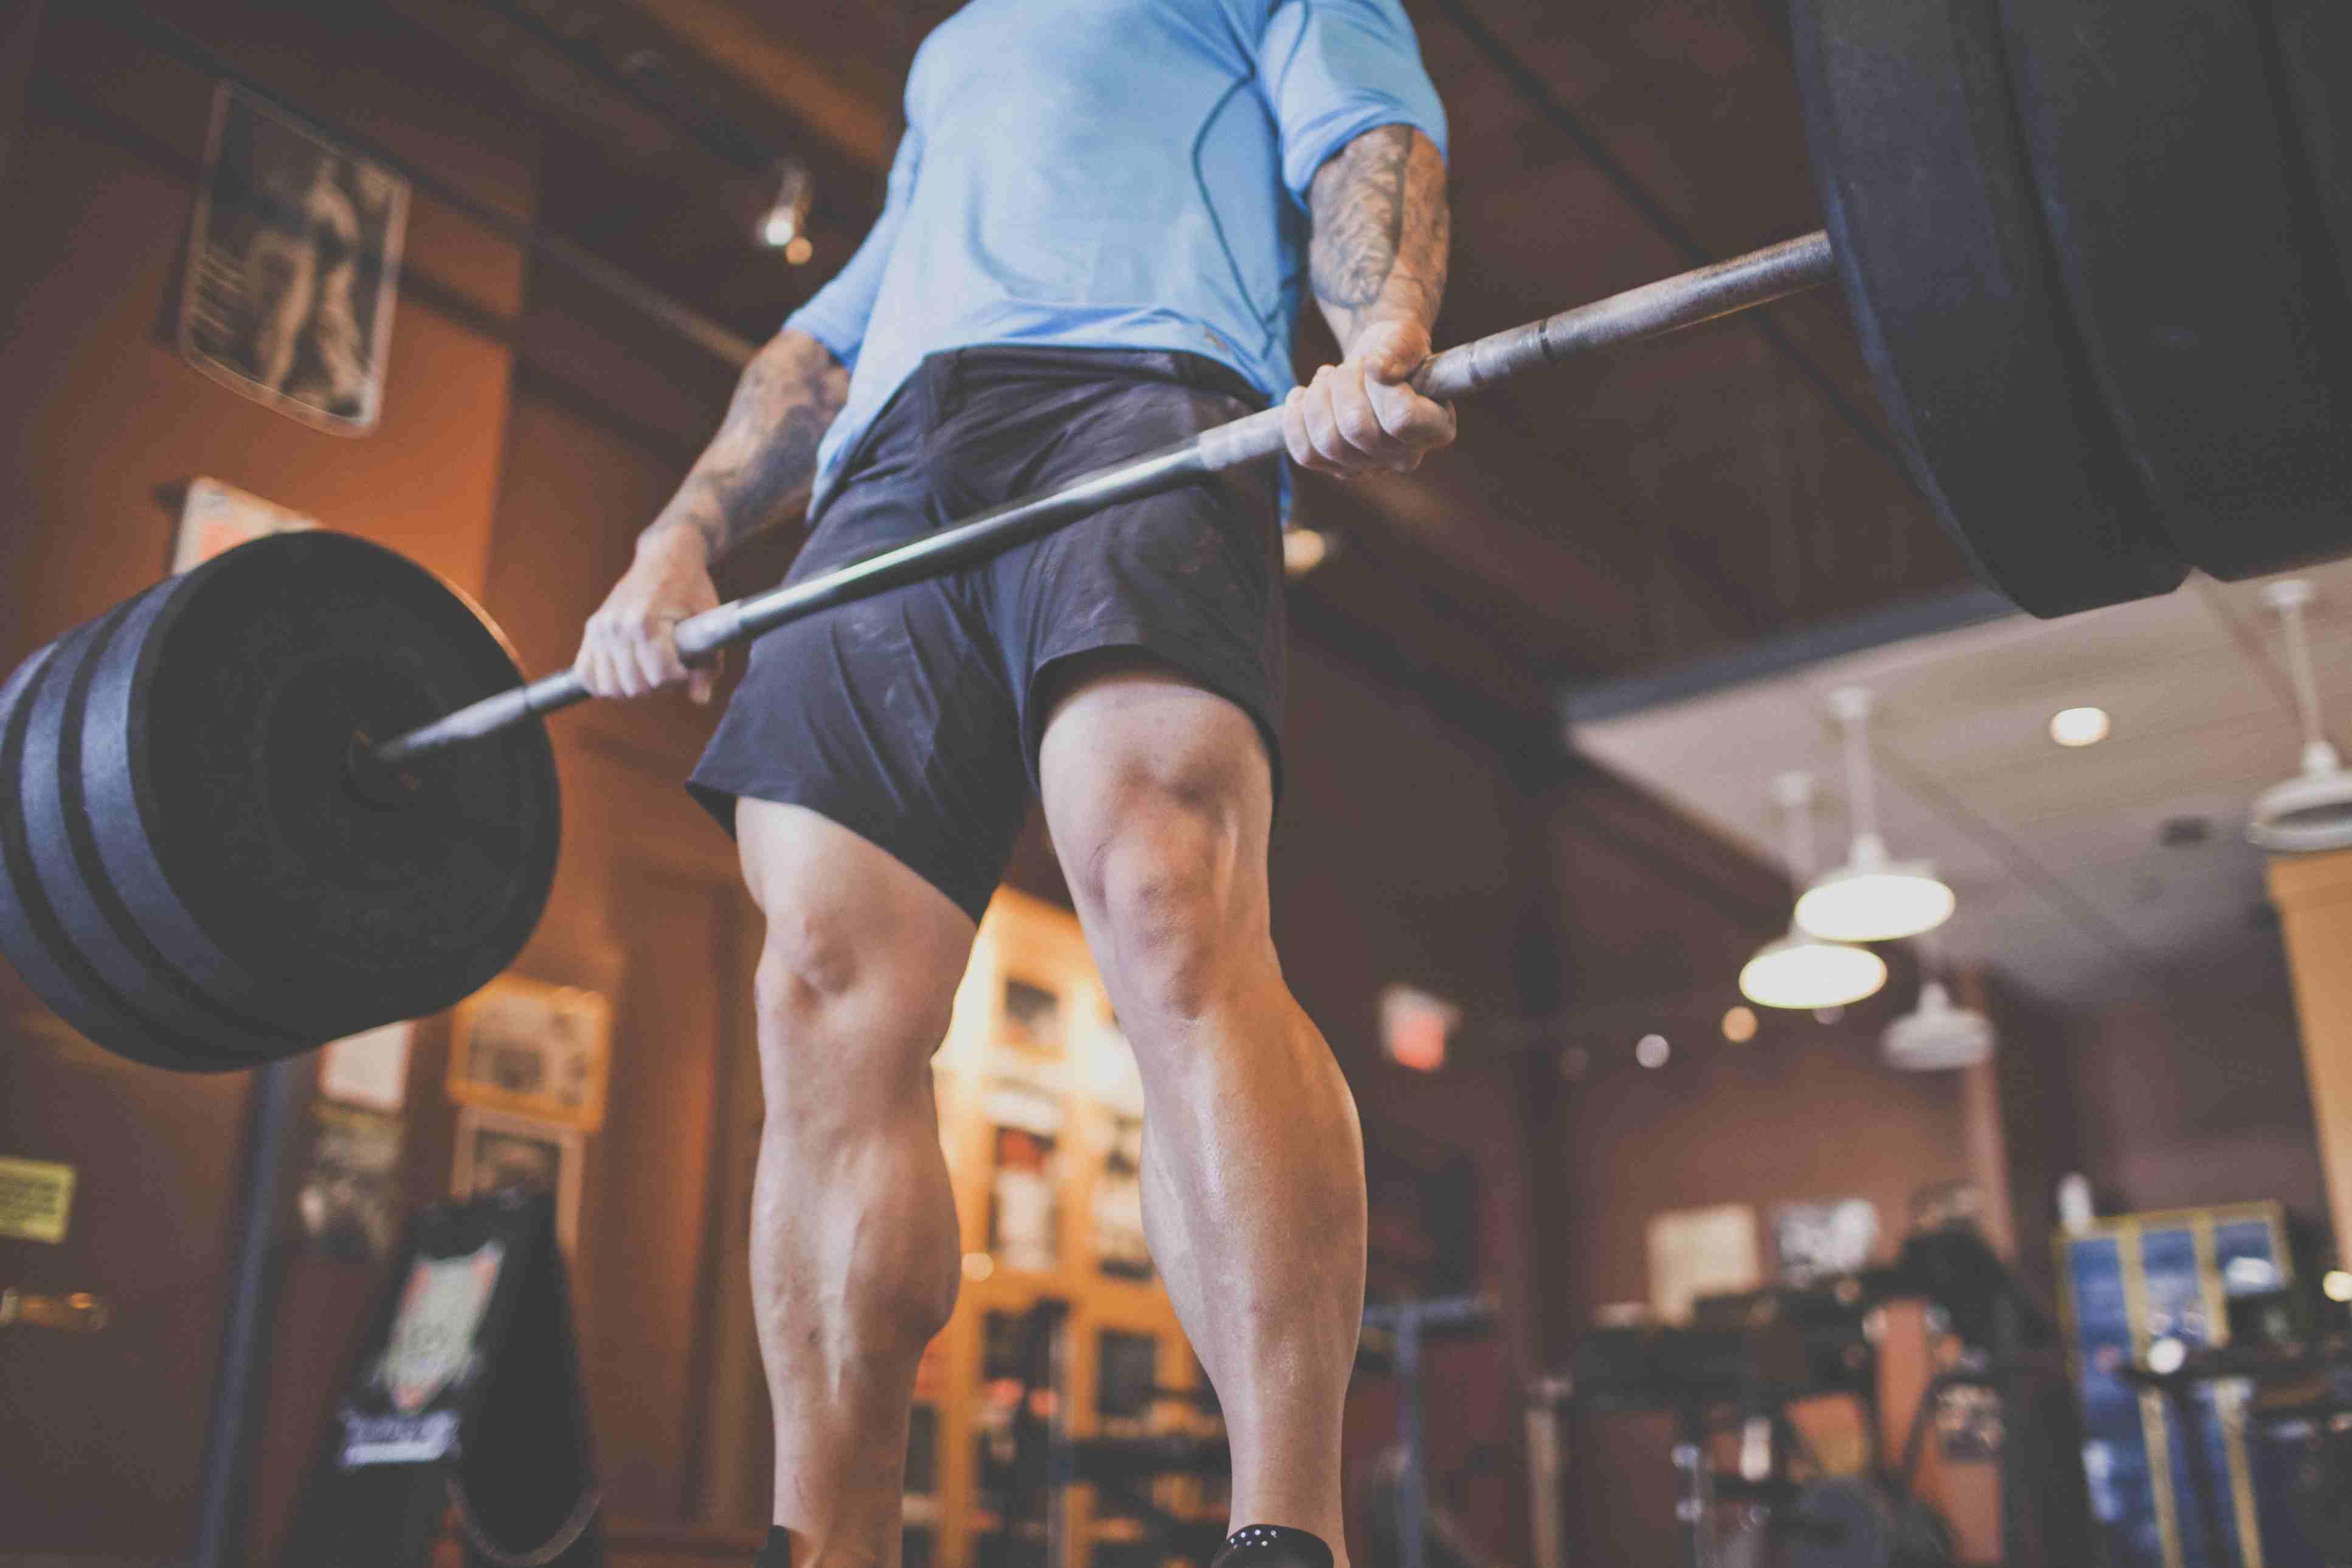 Periodization Training for Endurance Athletes